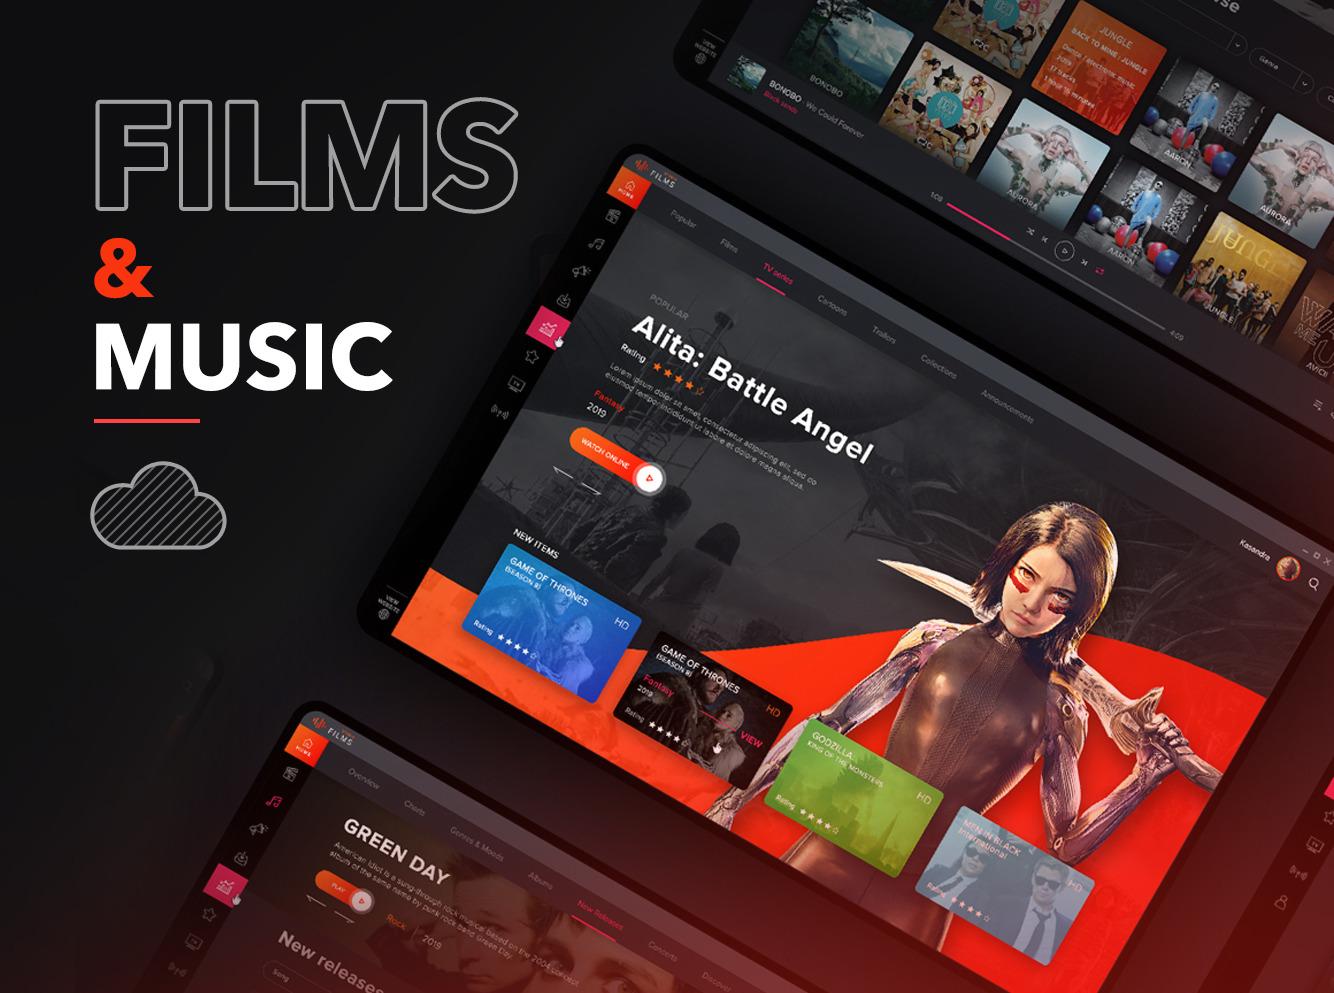 Film&music UI kit